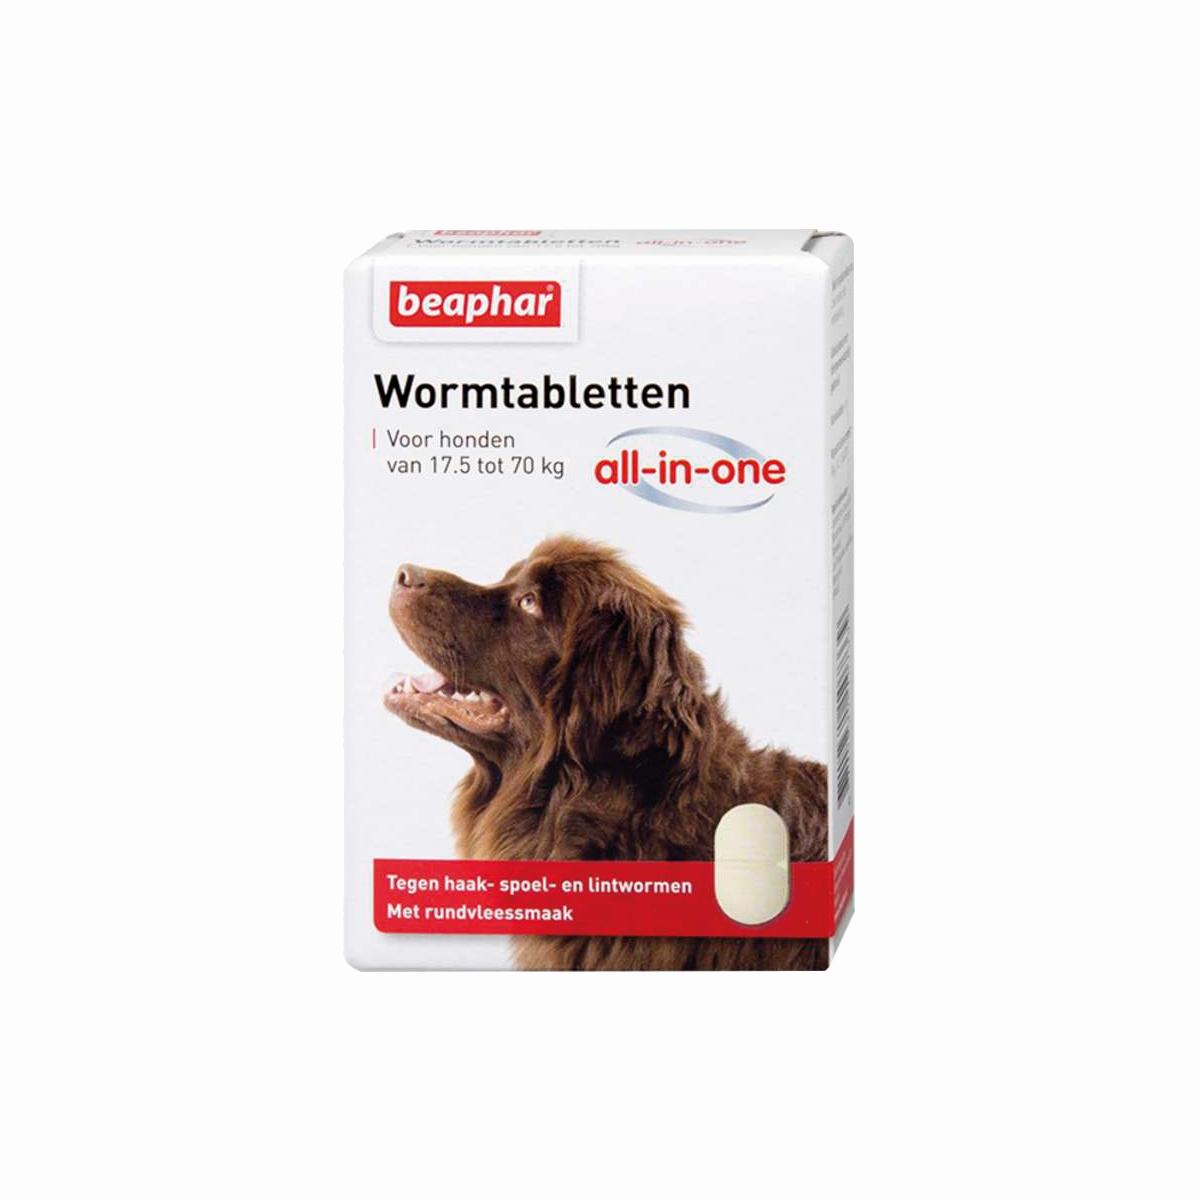 Beaphar Wormmiddel All-in-One (17,5 - 70 kg) hond 2 Tabletten